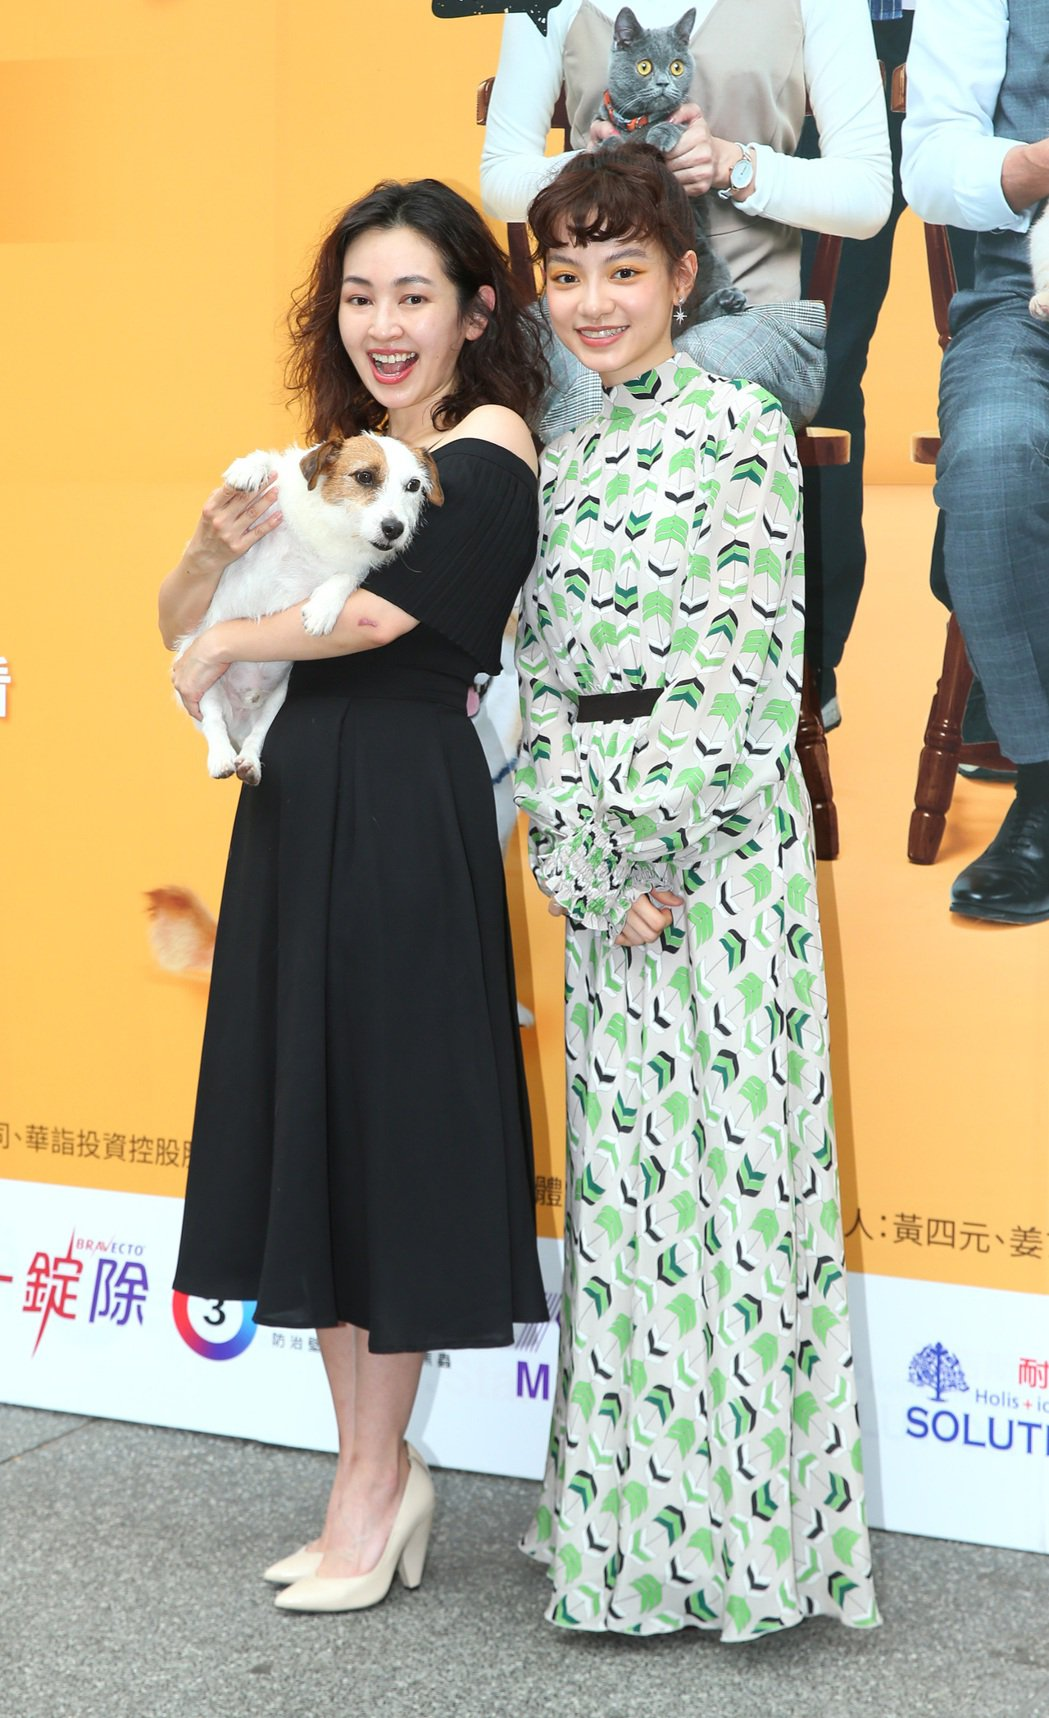 蔡燦得(左)與姚愛寗出席「黑喵知情」首映。記者林澔一/攝影